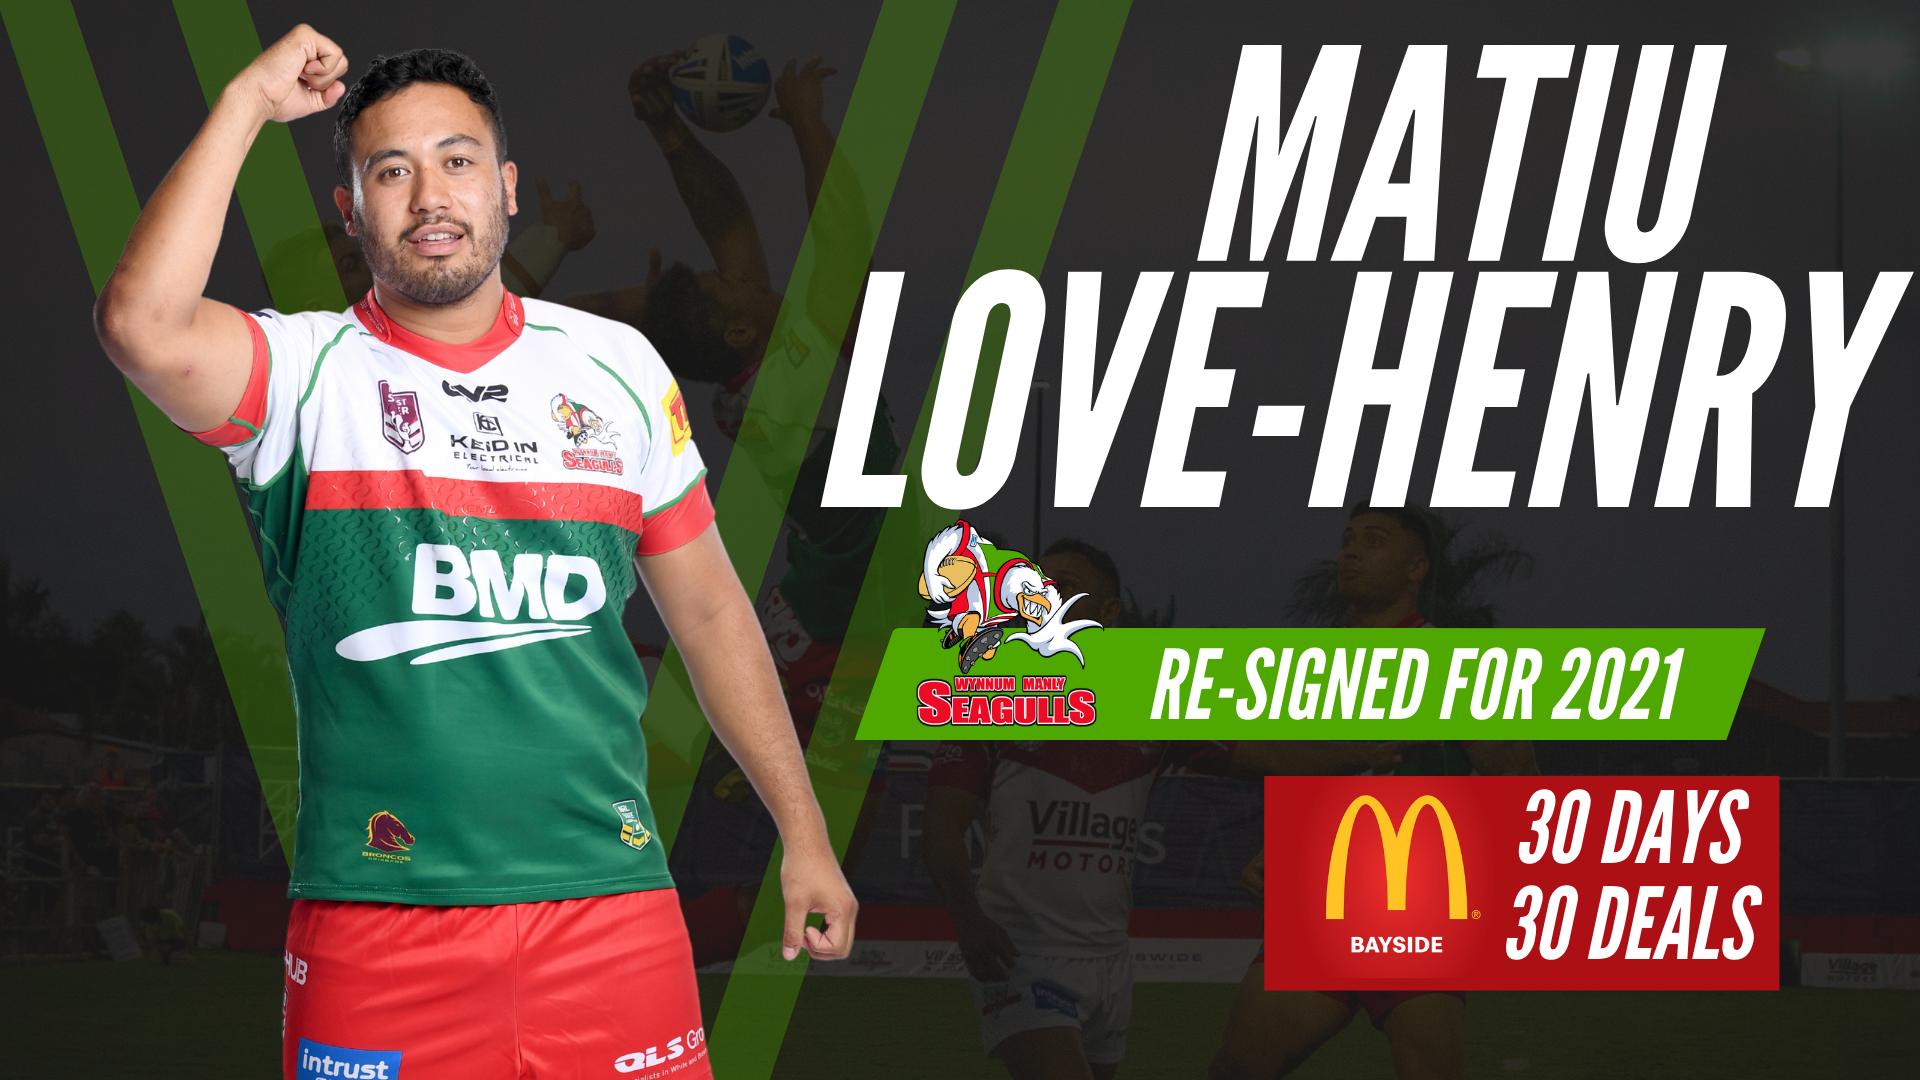 Matiu Love-Henry is back for 2021